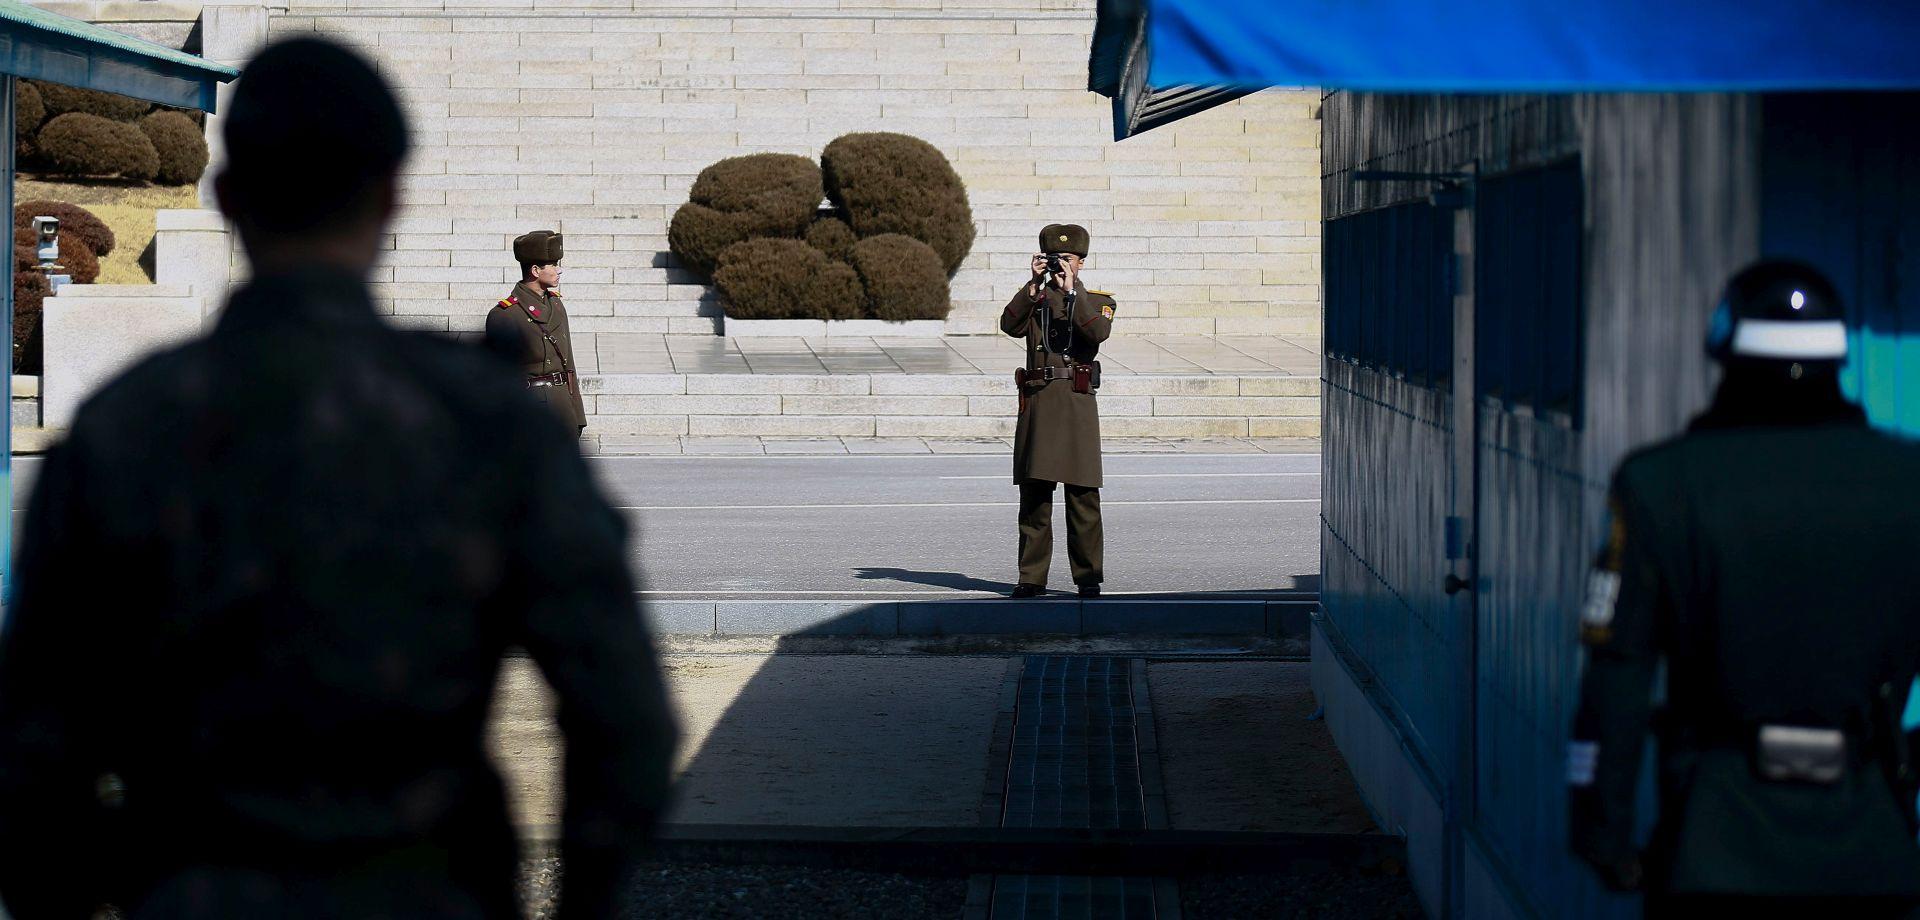 """JUŽNA KOREJA """"Iza ubojstva Kim Jong-nama stoji sjevernokorejski režim"""""""